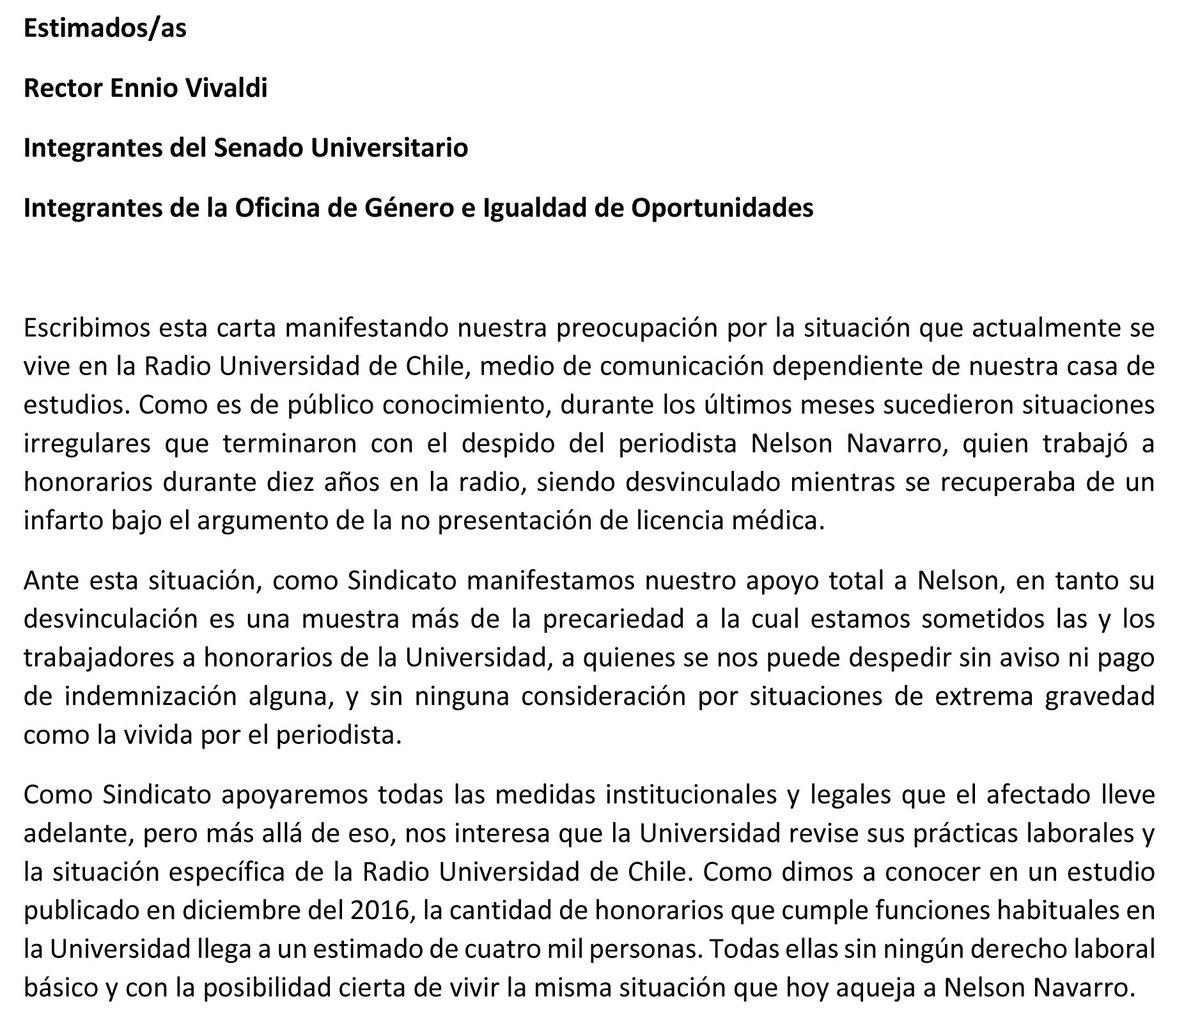 Honorarios uchile on twitter compartimos carta que enviamos a las autoridades por situaci n en la radio u de chile https t co 35fau5mz0t